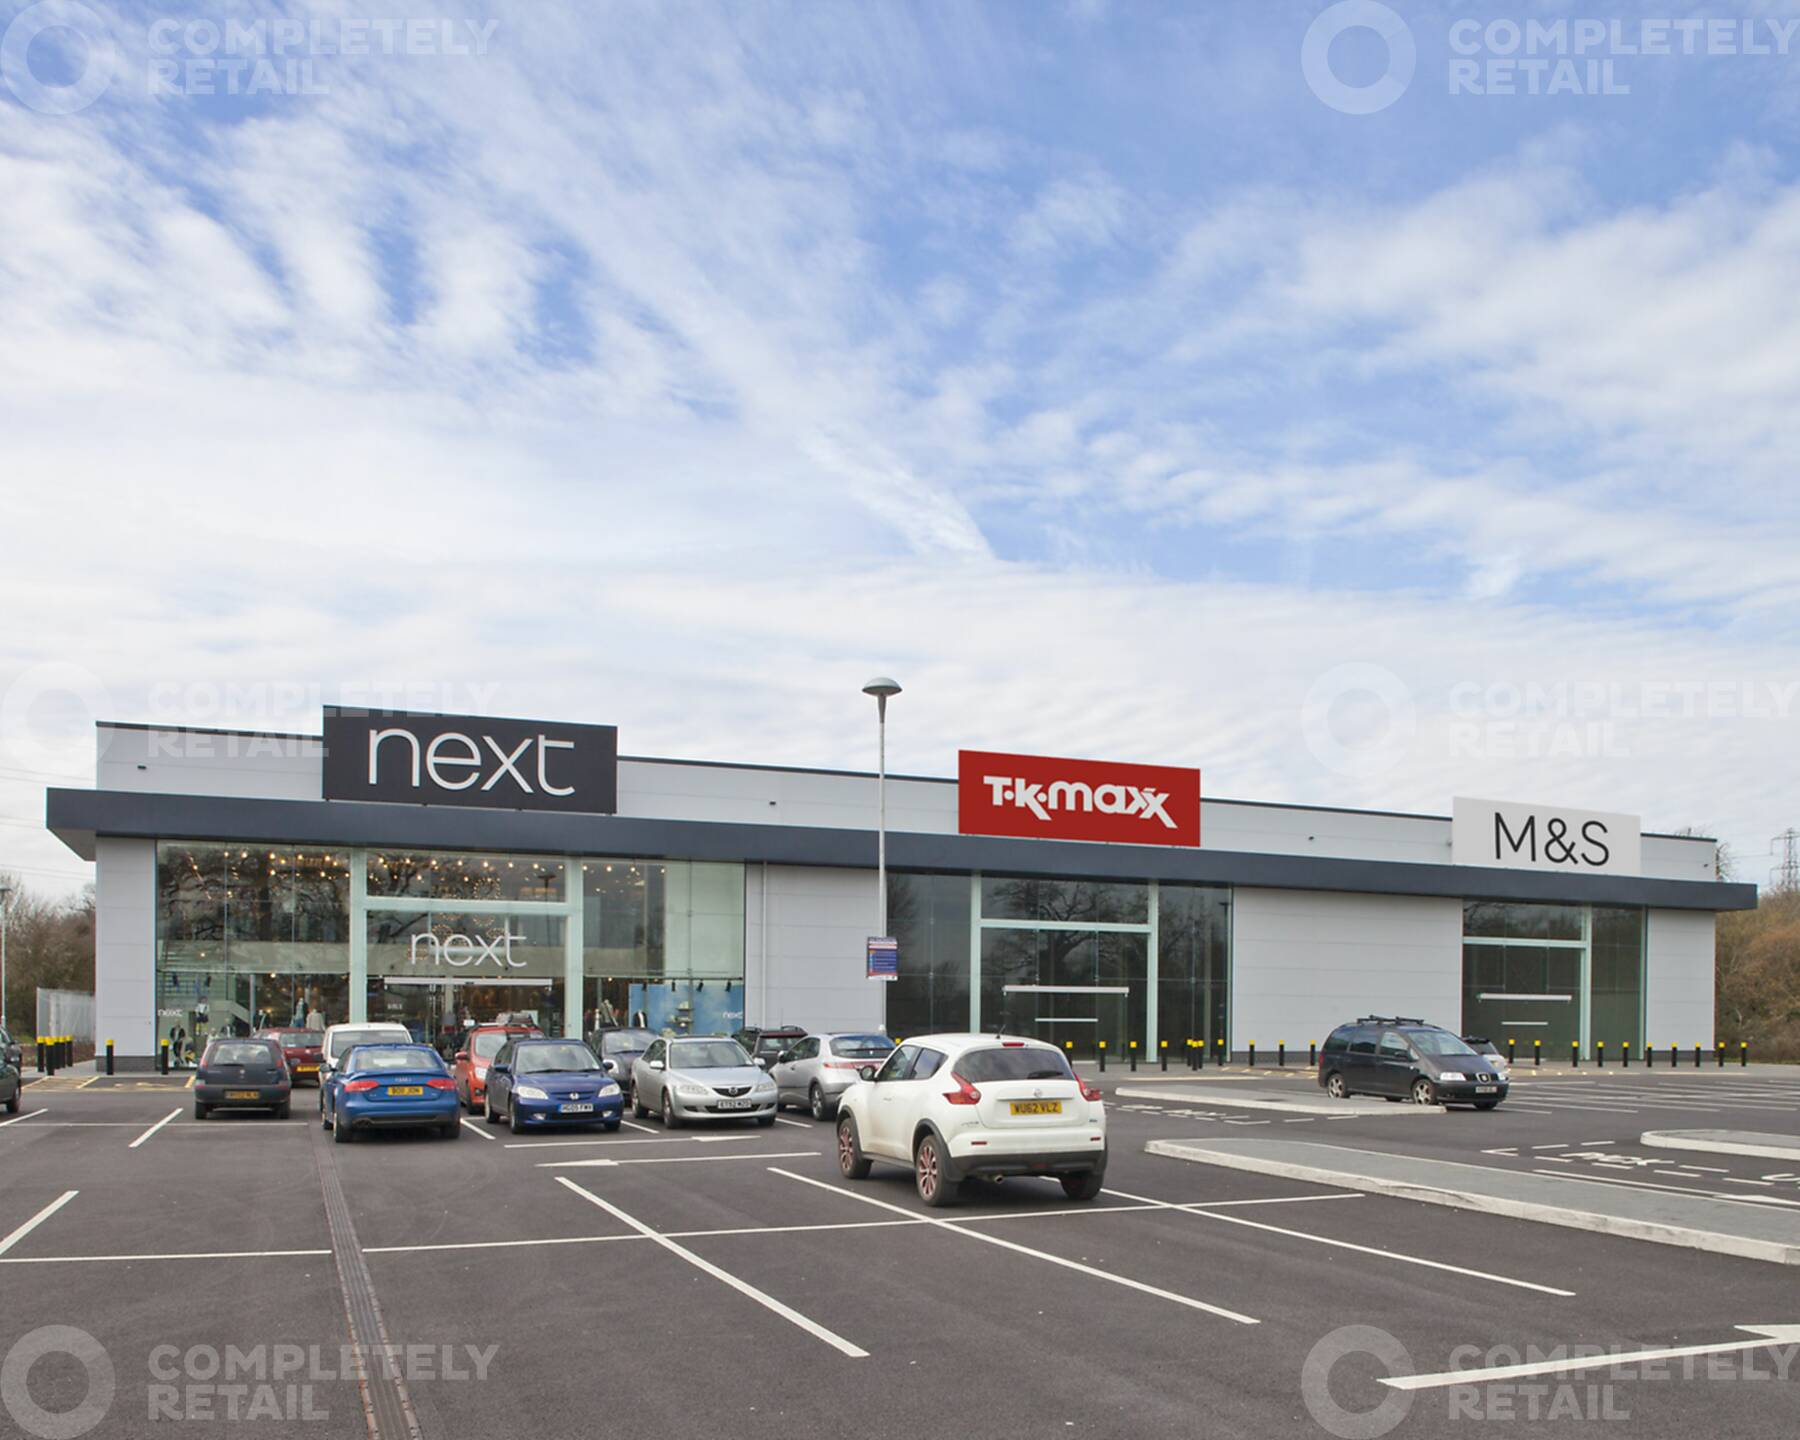 Bath Road Retail Park